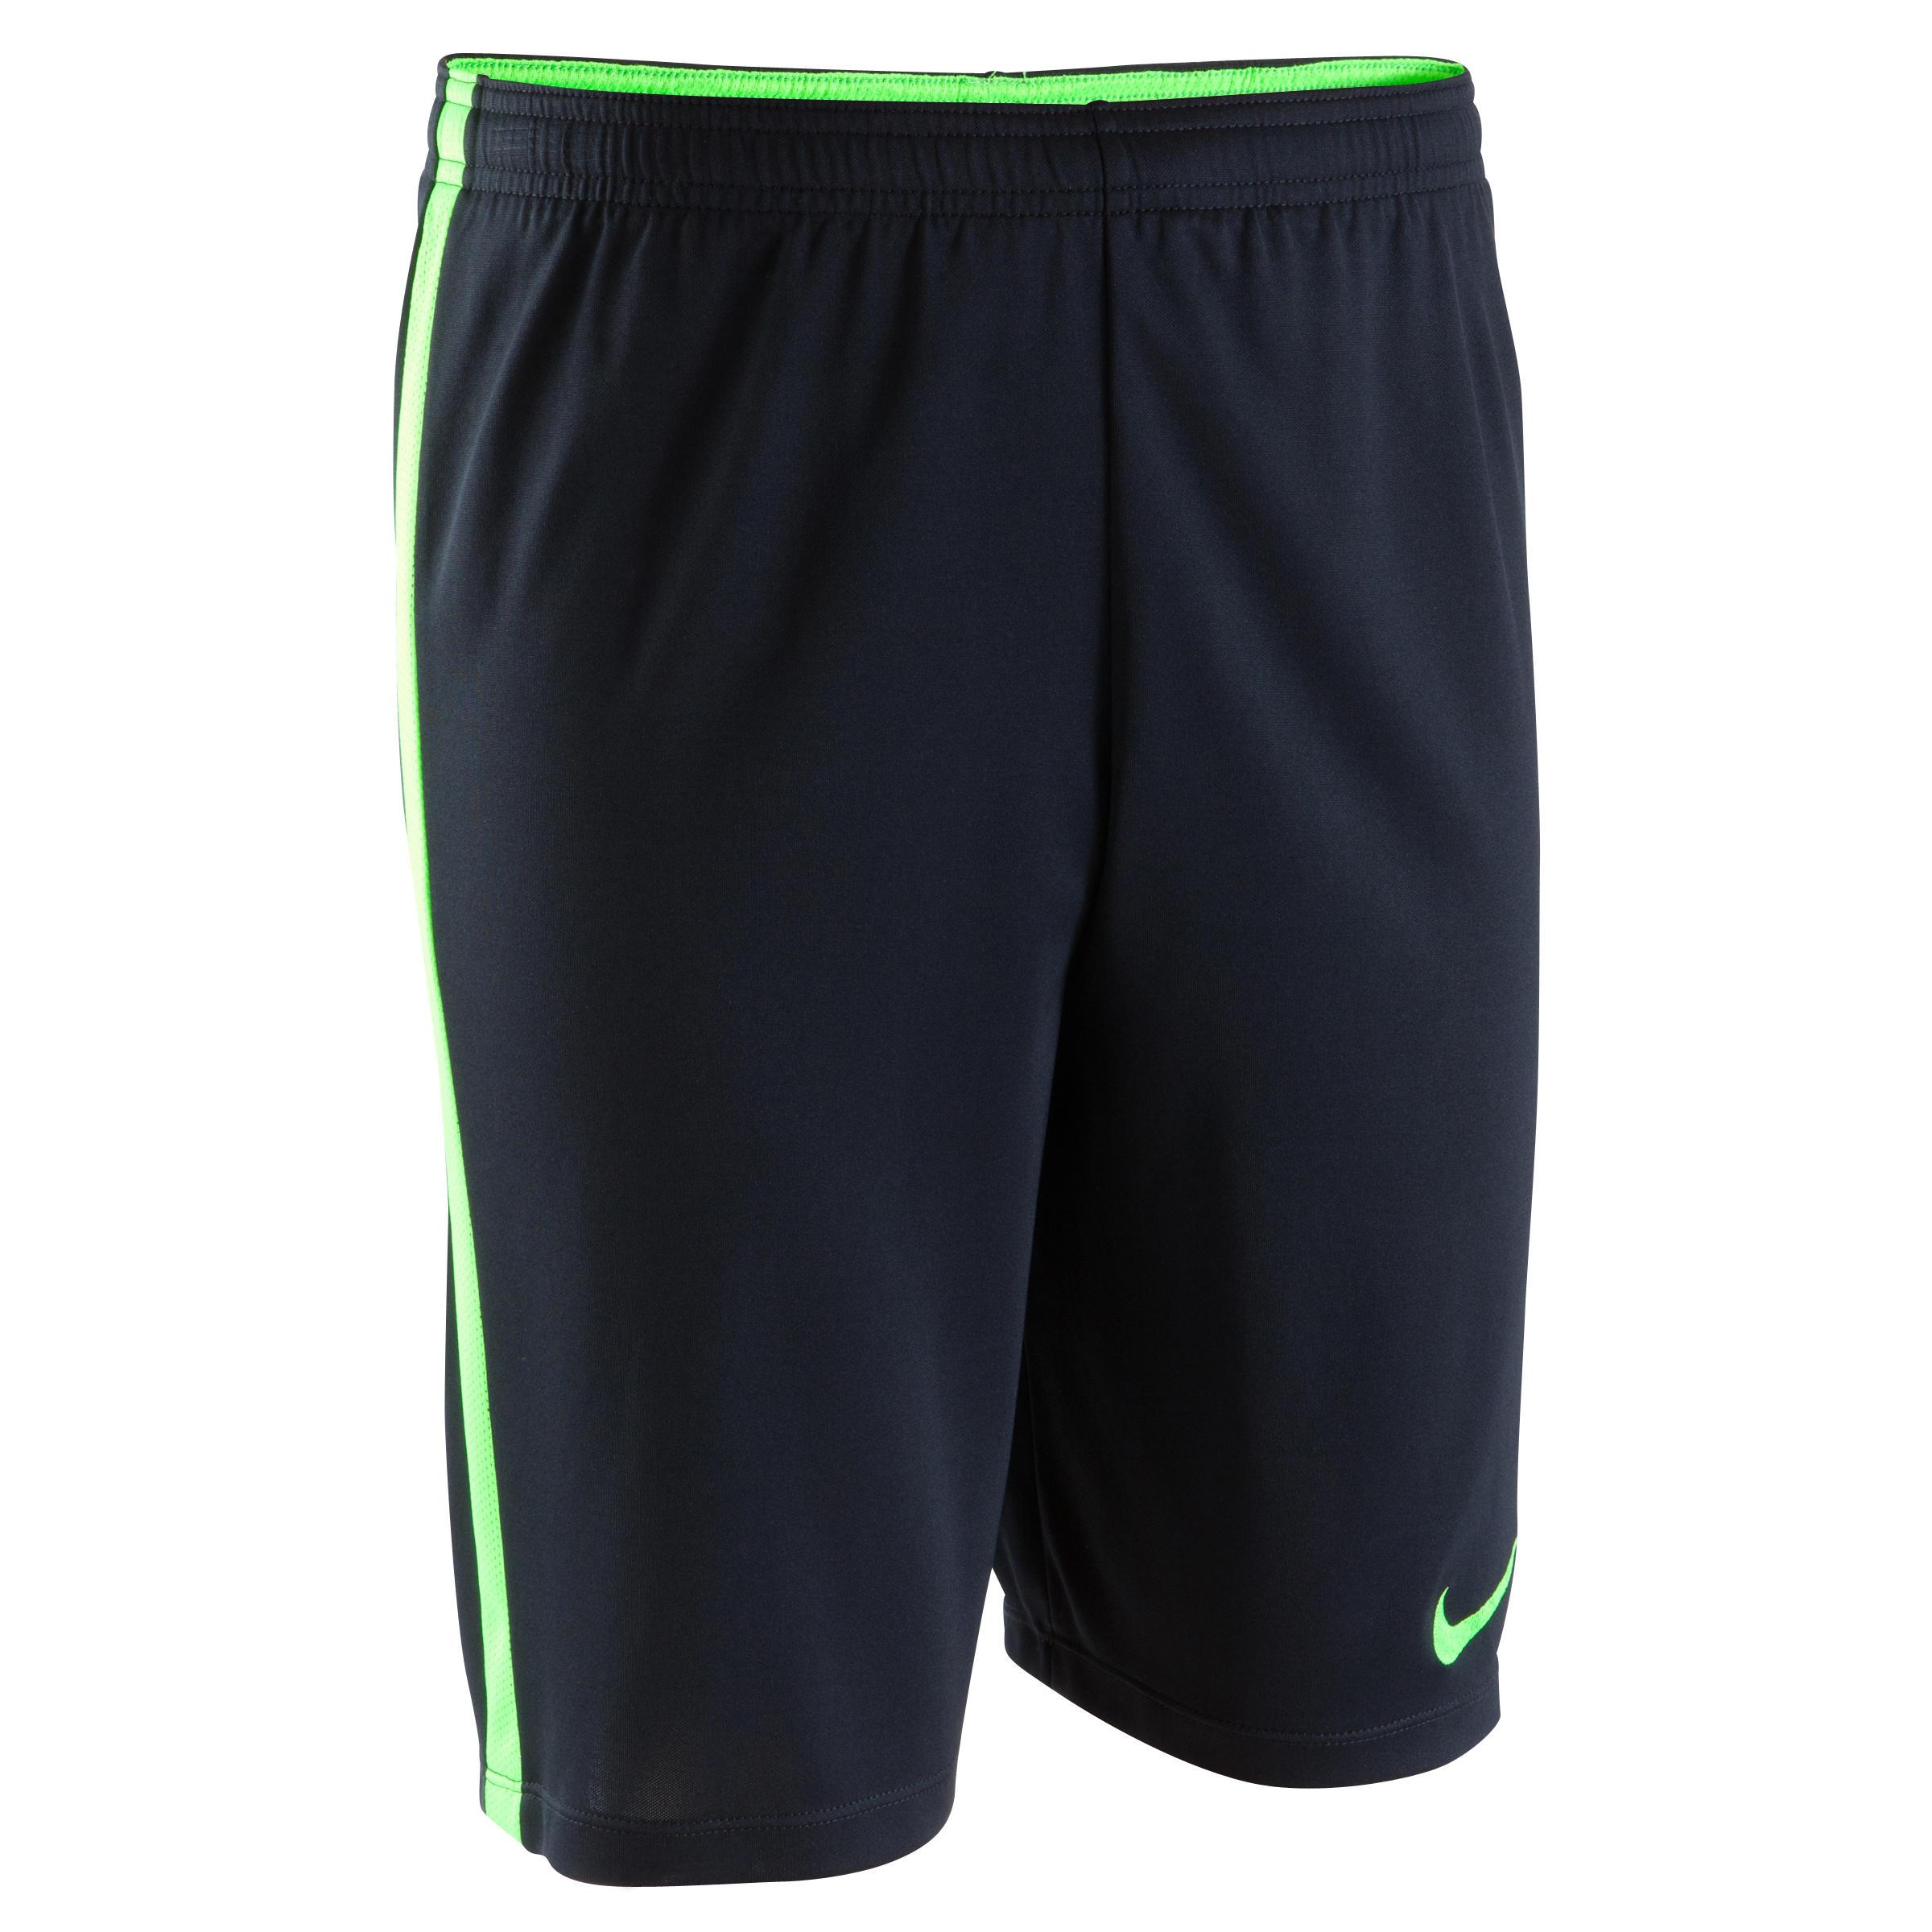 Nike Voetbalbroekje Academy voor volwassenen zwart